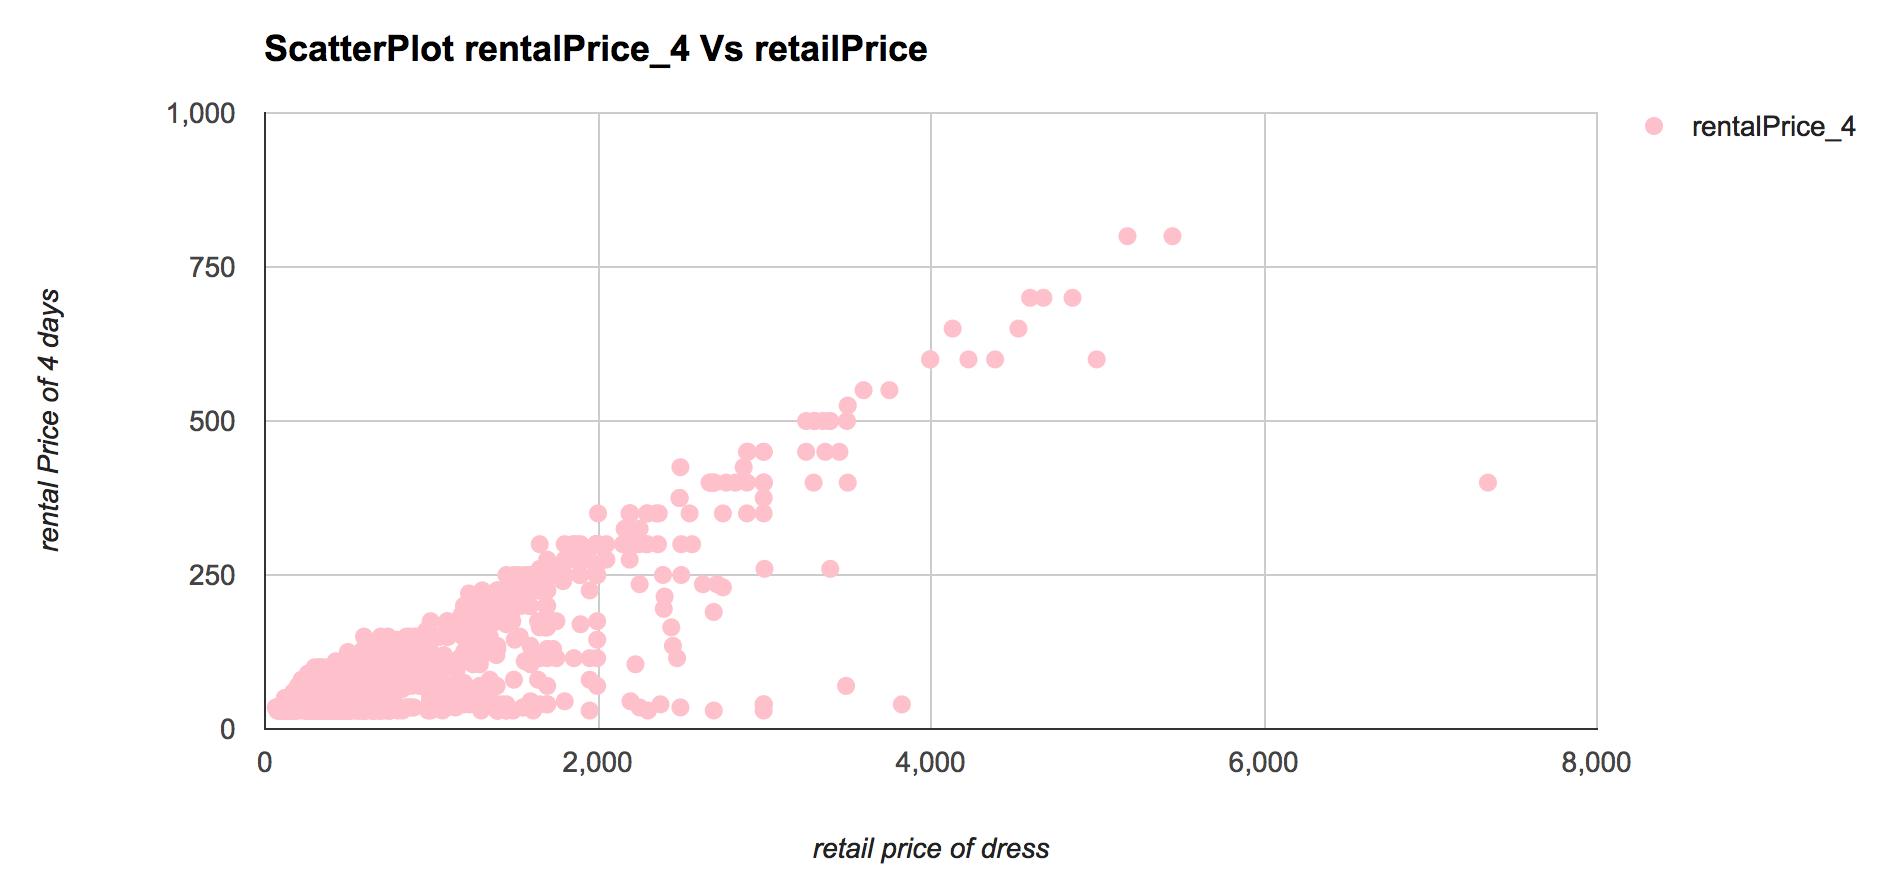 rental_4_vs_retail